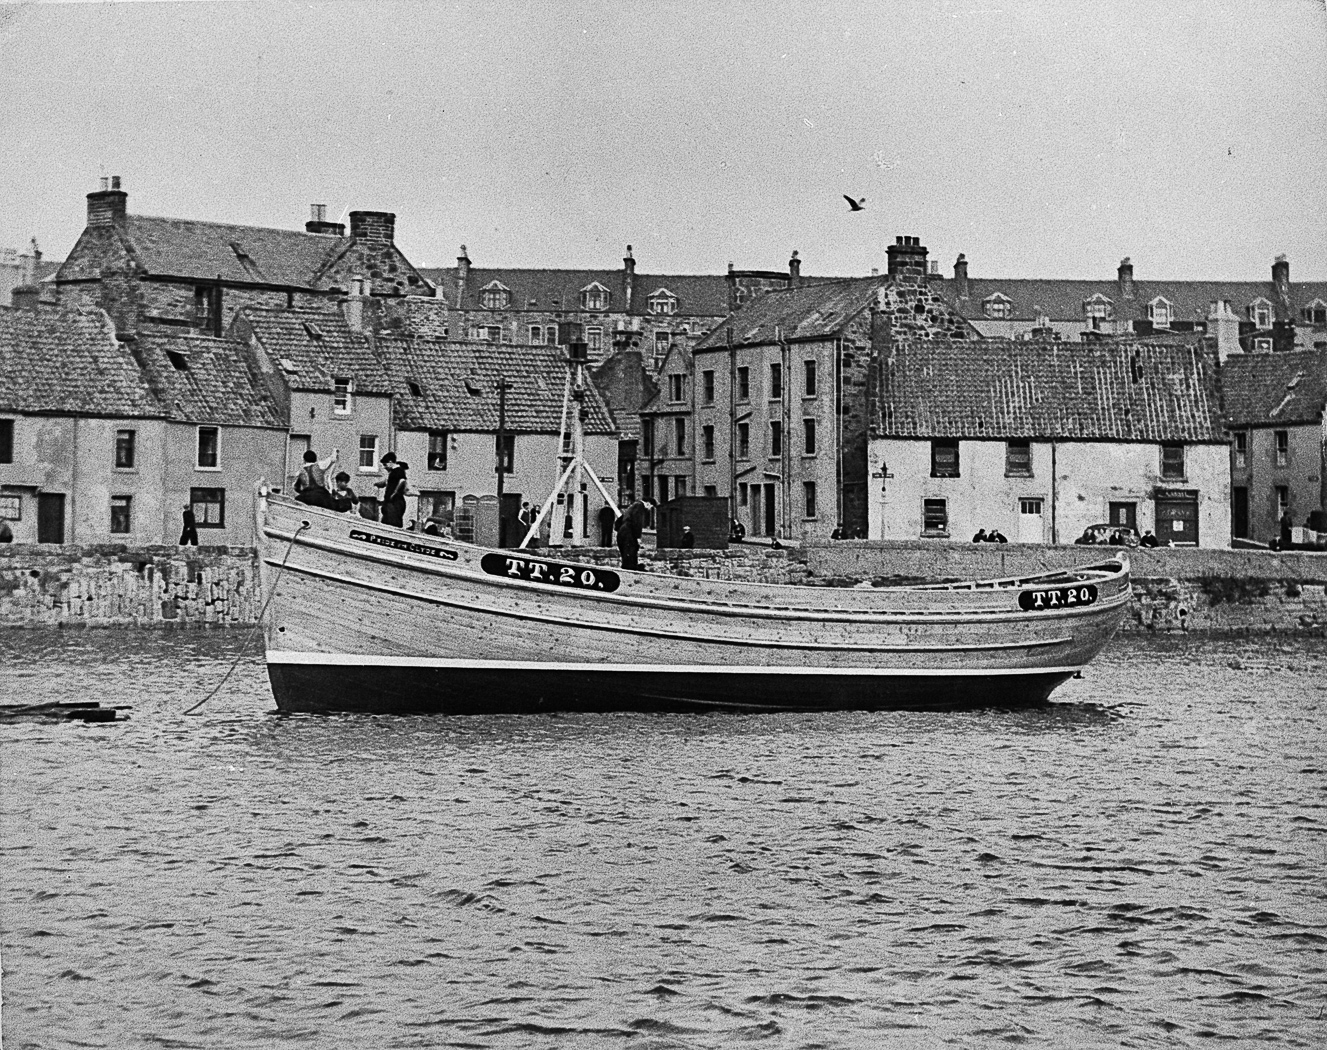 Ringnetter 'Pride of the Clyde', TT20, in harbour, St Monans, 1949.